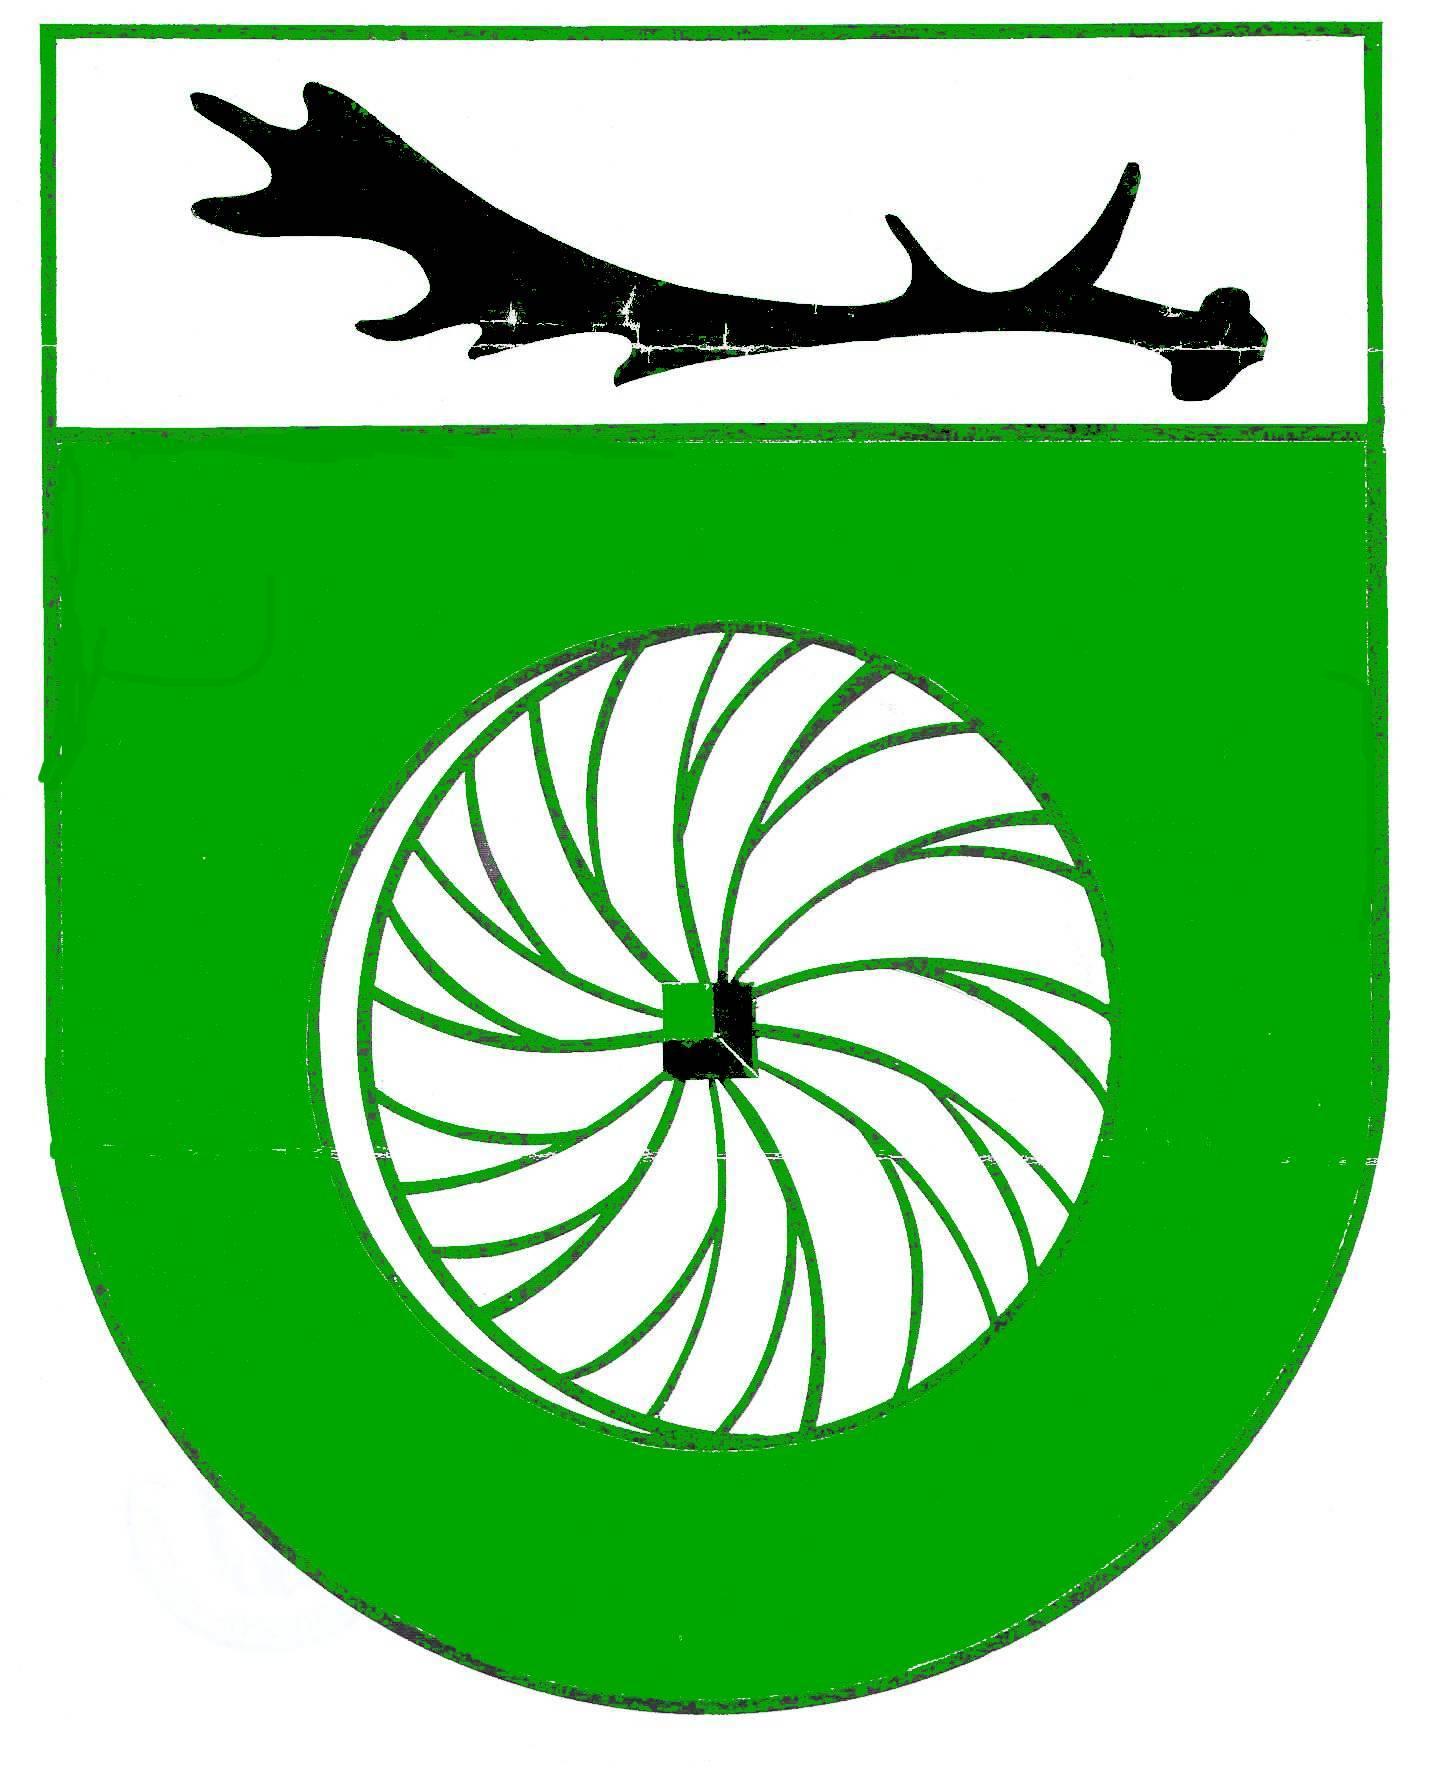 Wappen GemeindeFitzbek, Kreis Steinburg